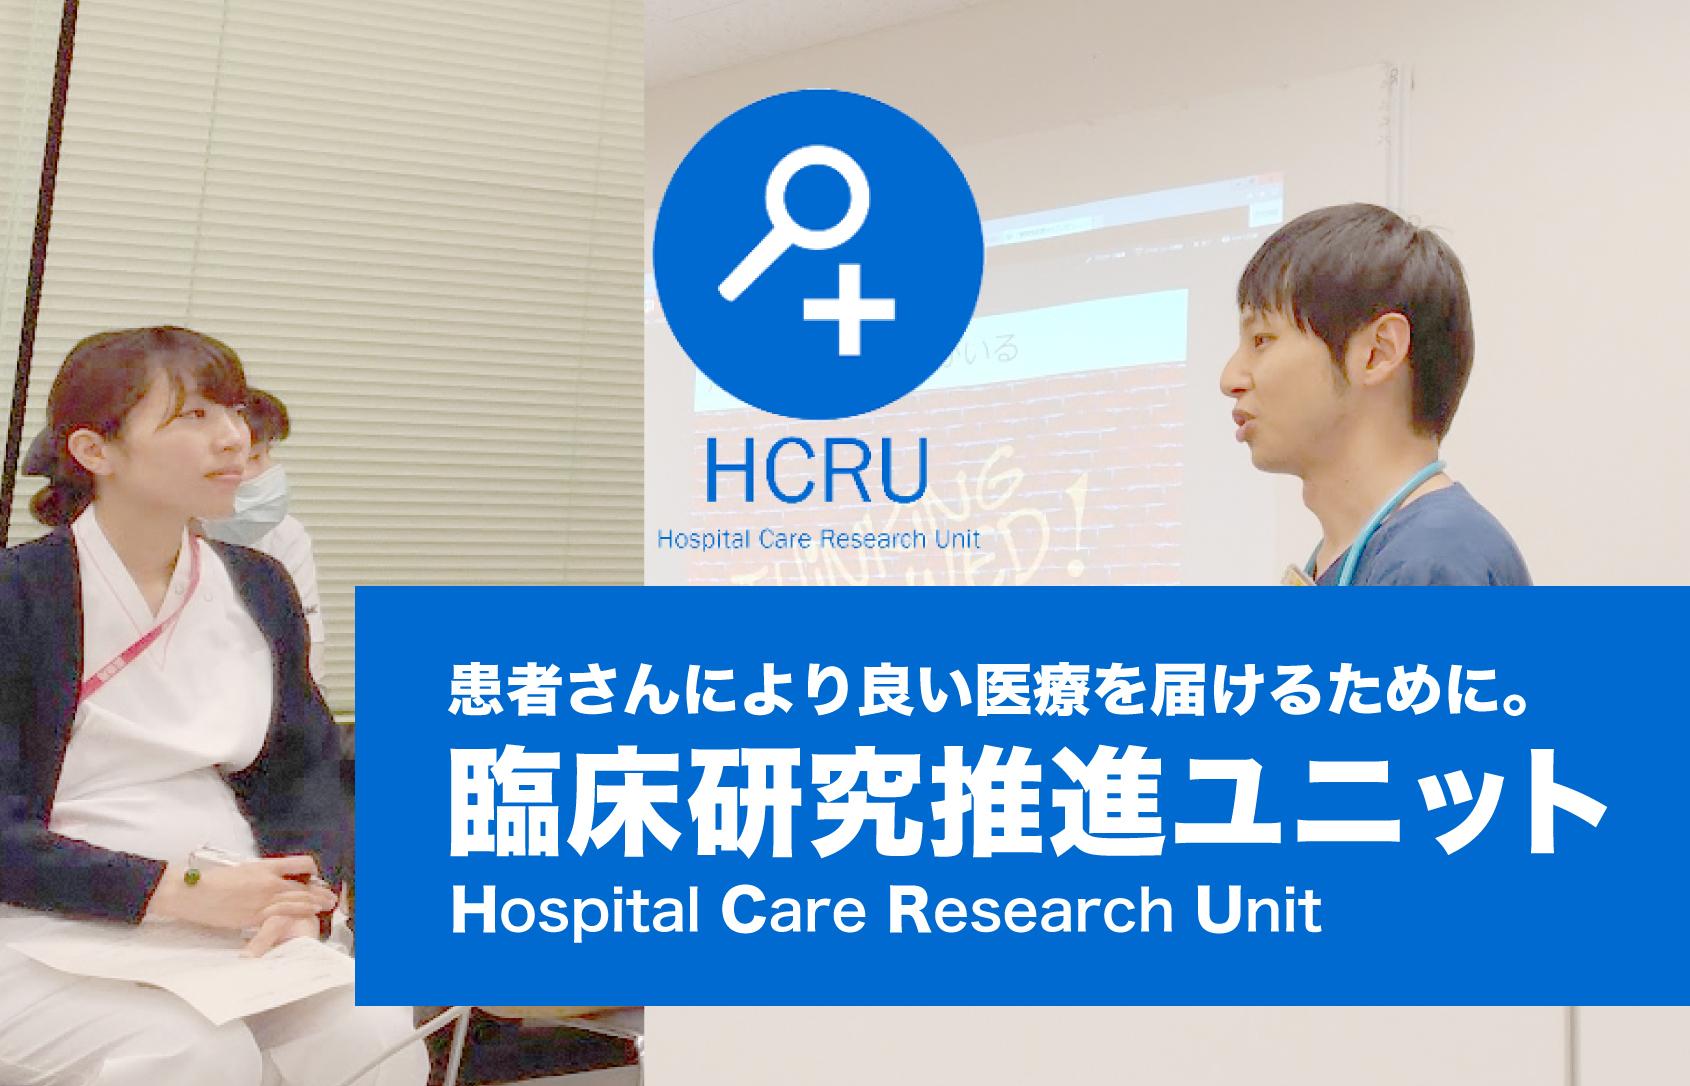 「患者さんにより良い医療を届けるために。」臨床研究をサポートするAGMC臨床研究推進ユニットとは